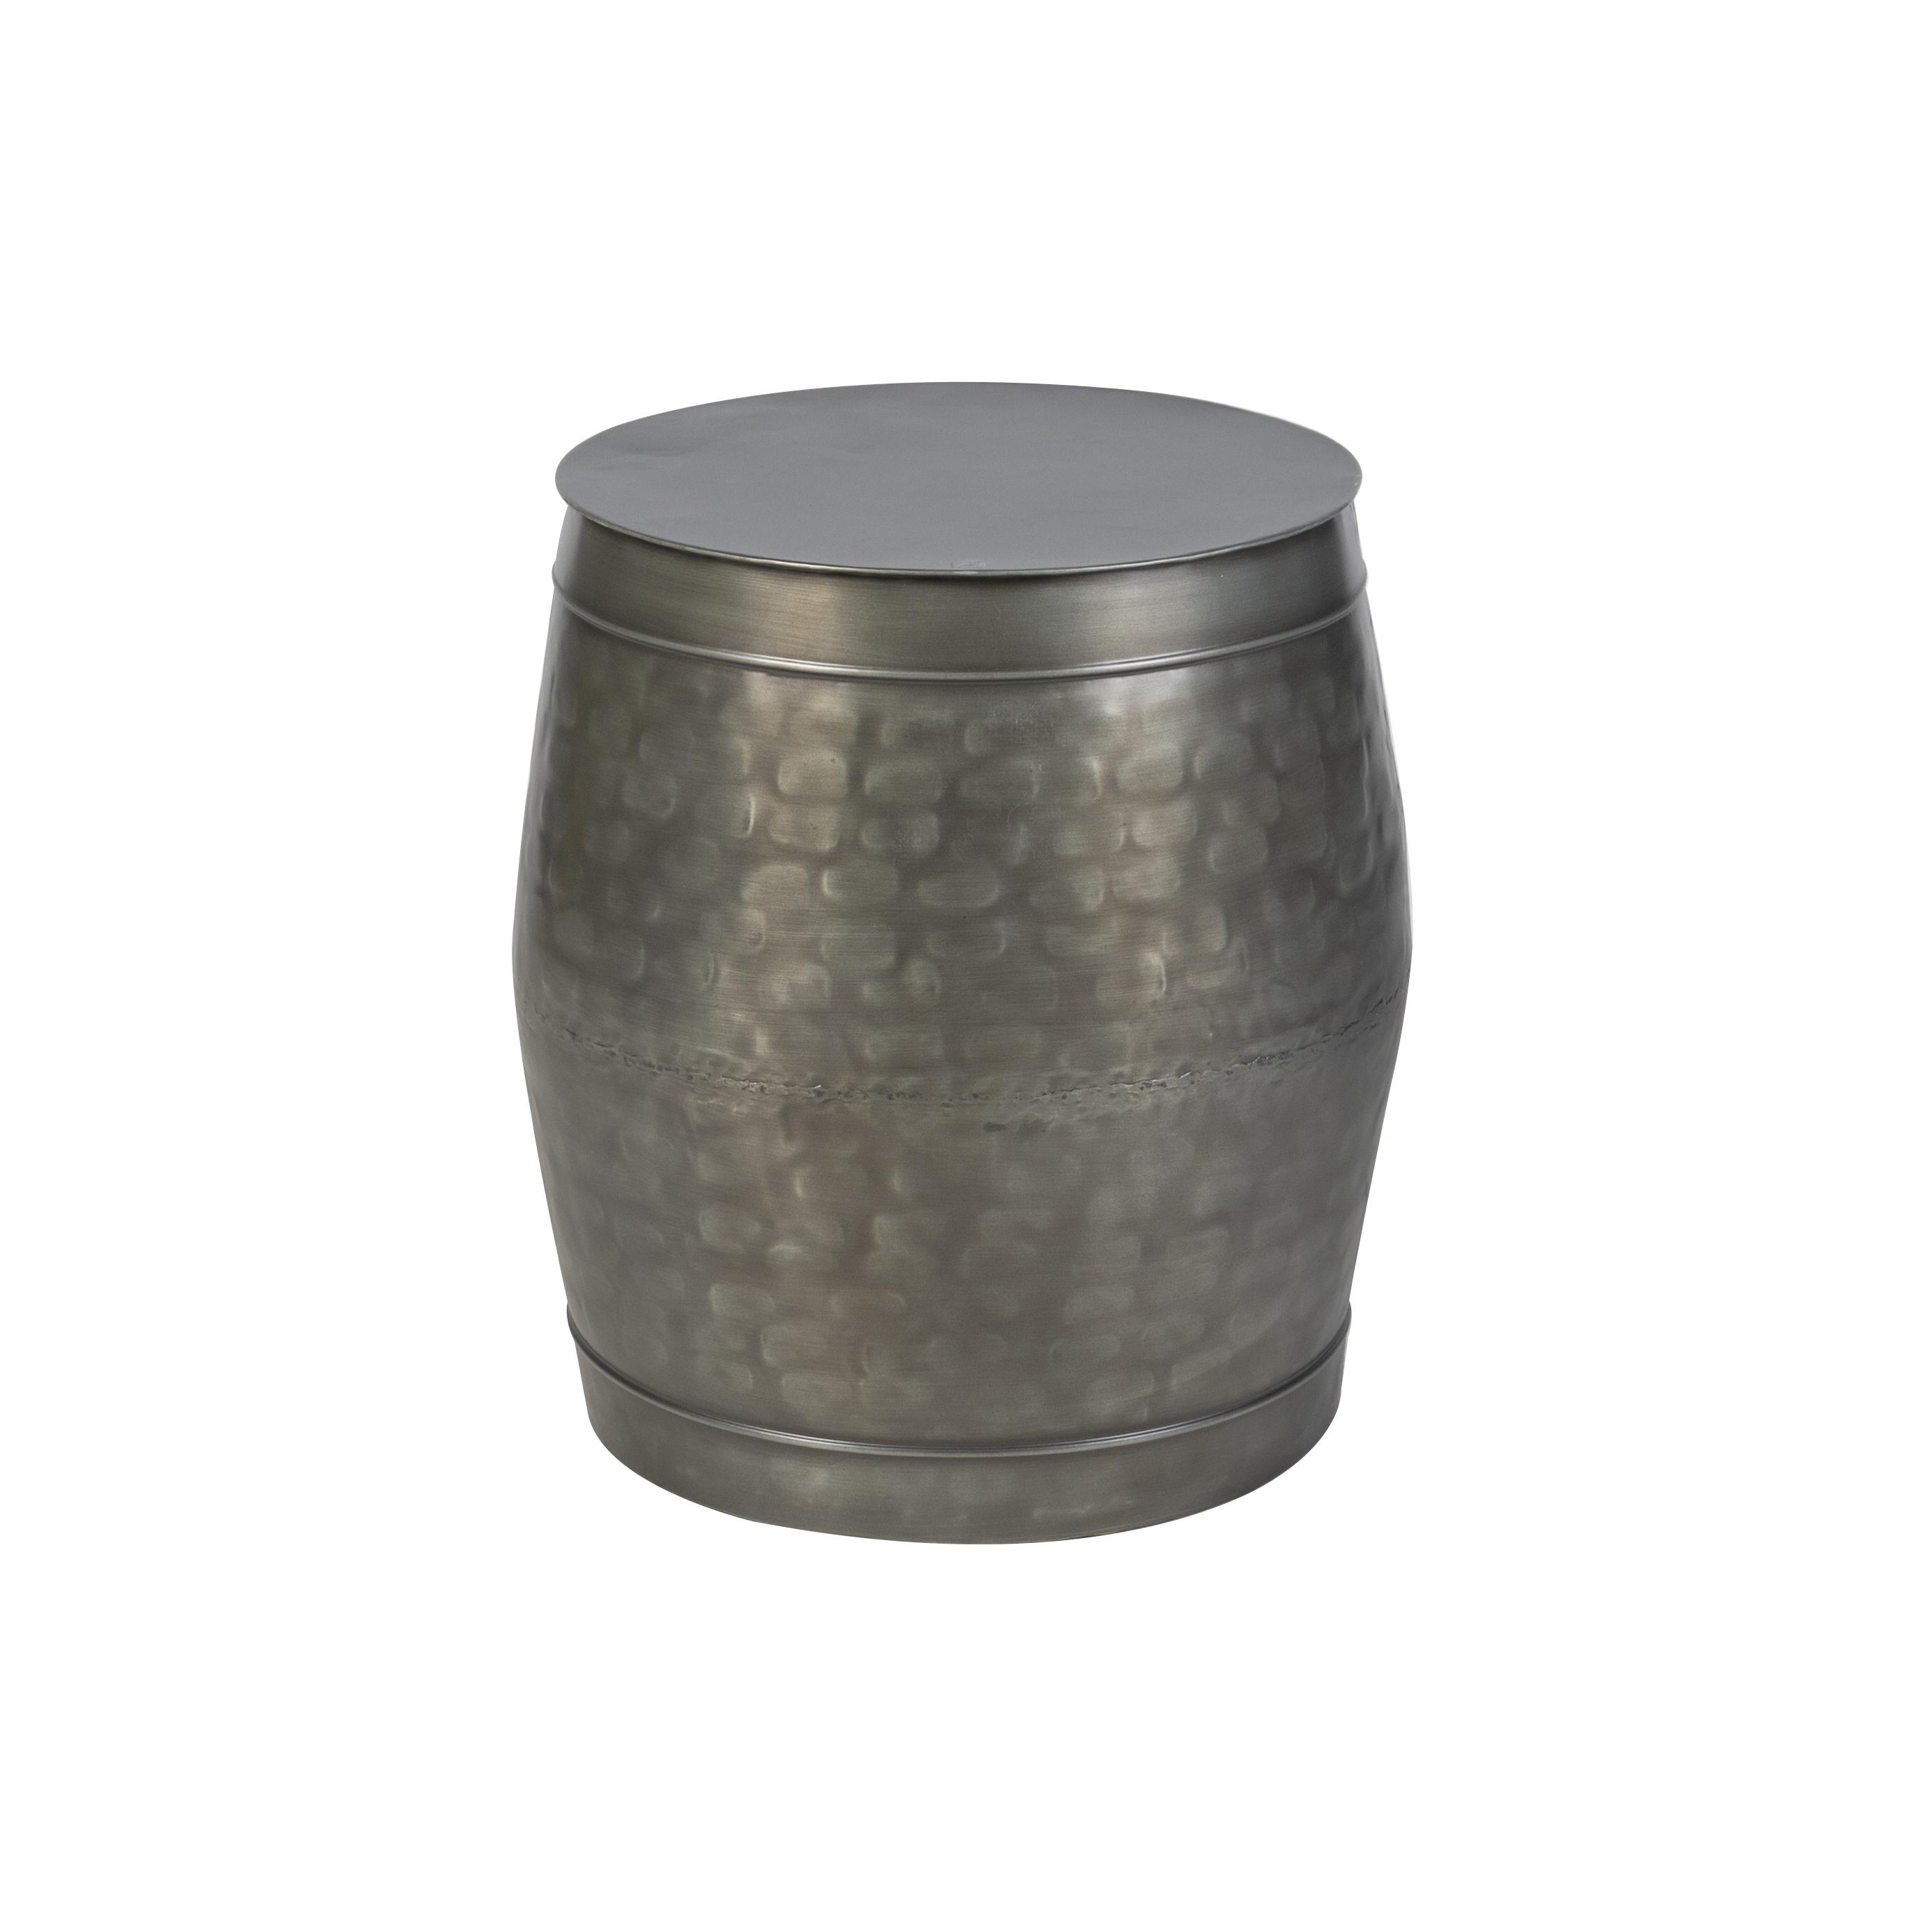 Bilde av Antique zinc side table Tub